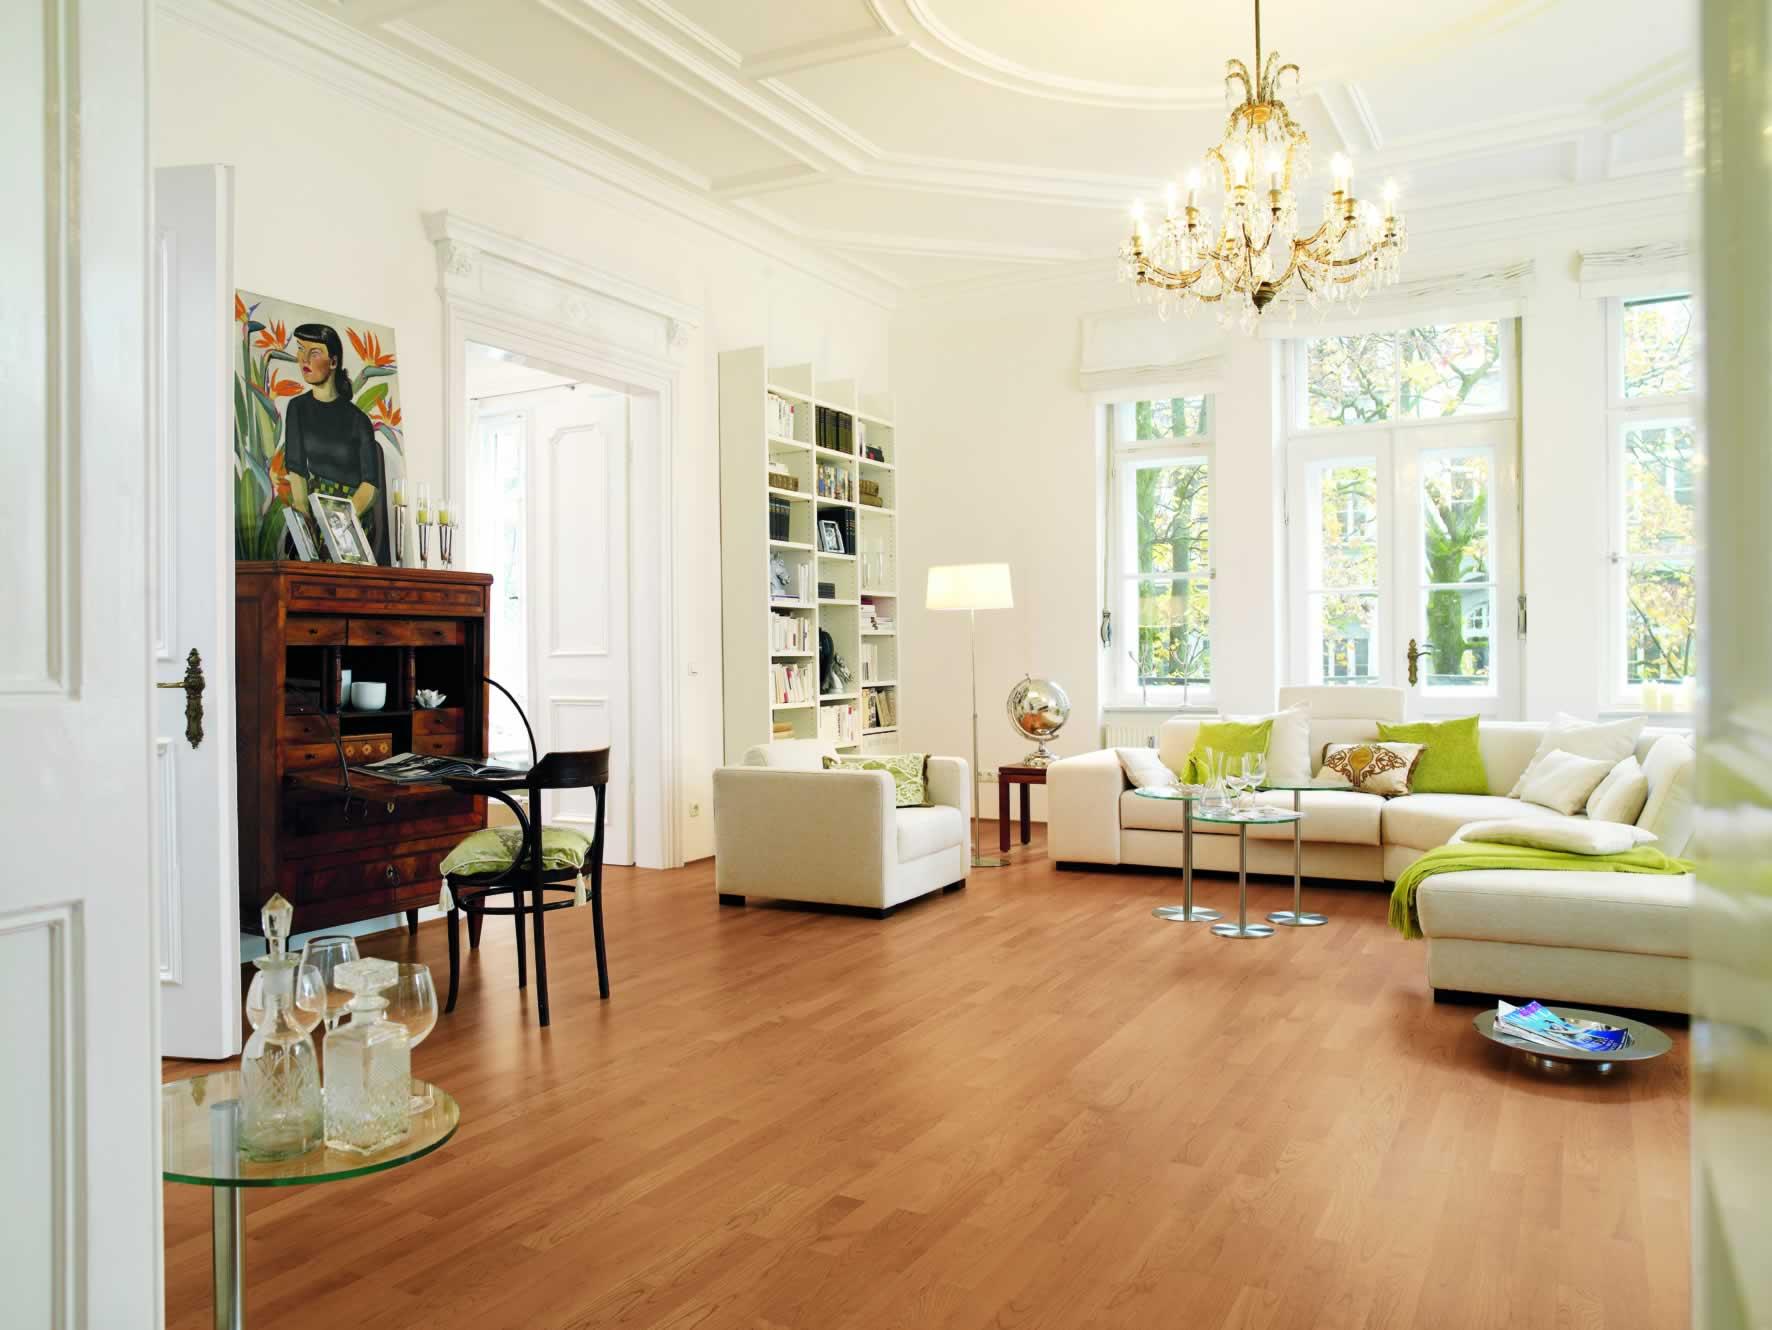 achat maison marseille vente de maisons et villas dans la r gion marseillaise sud est. Black Bedroom Furniture Sets. Home Design Ideas